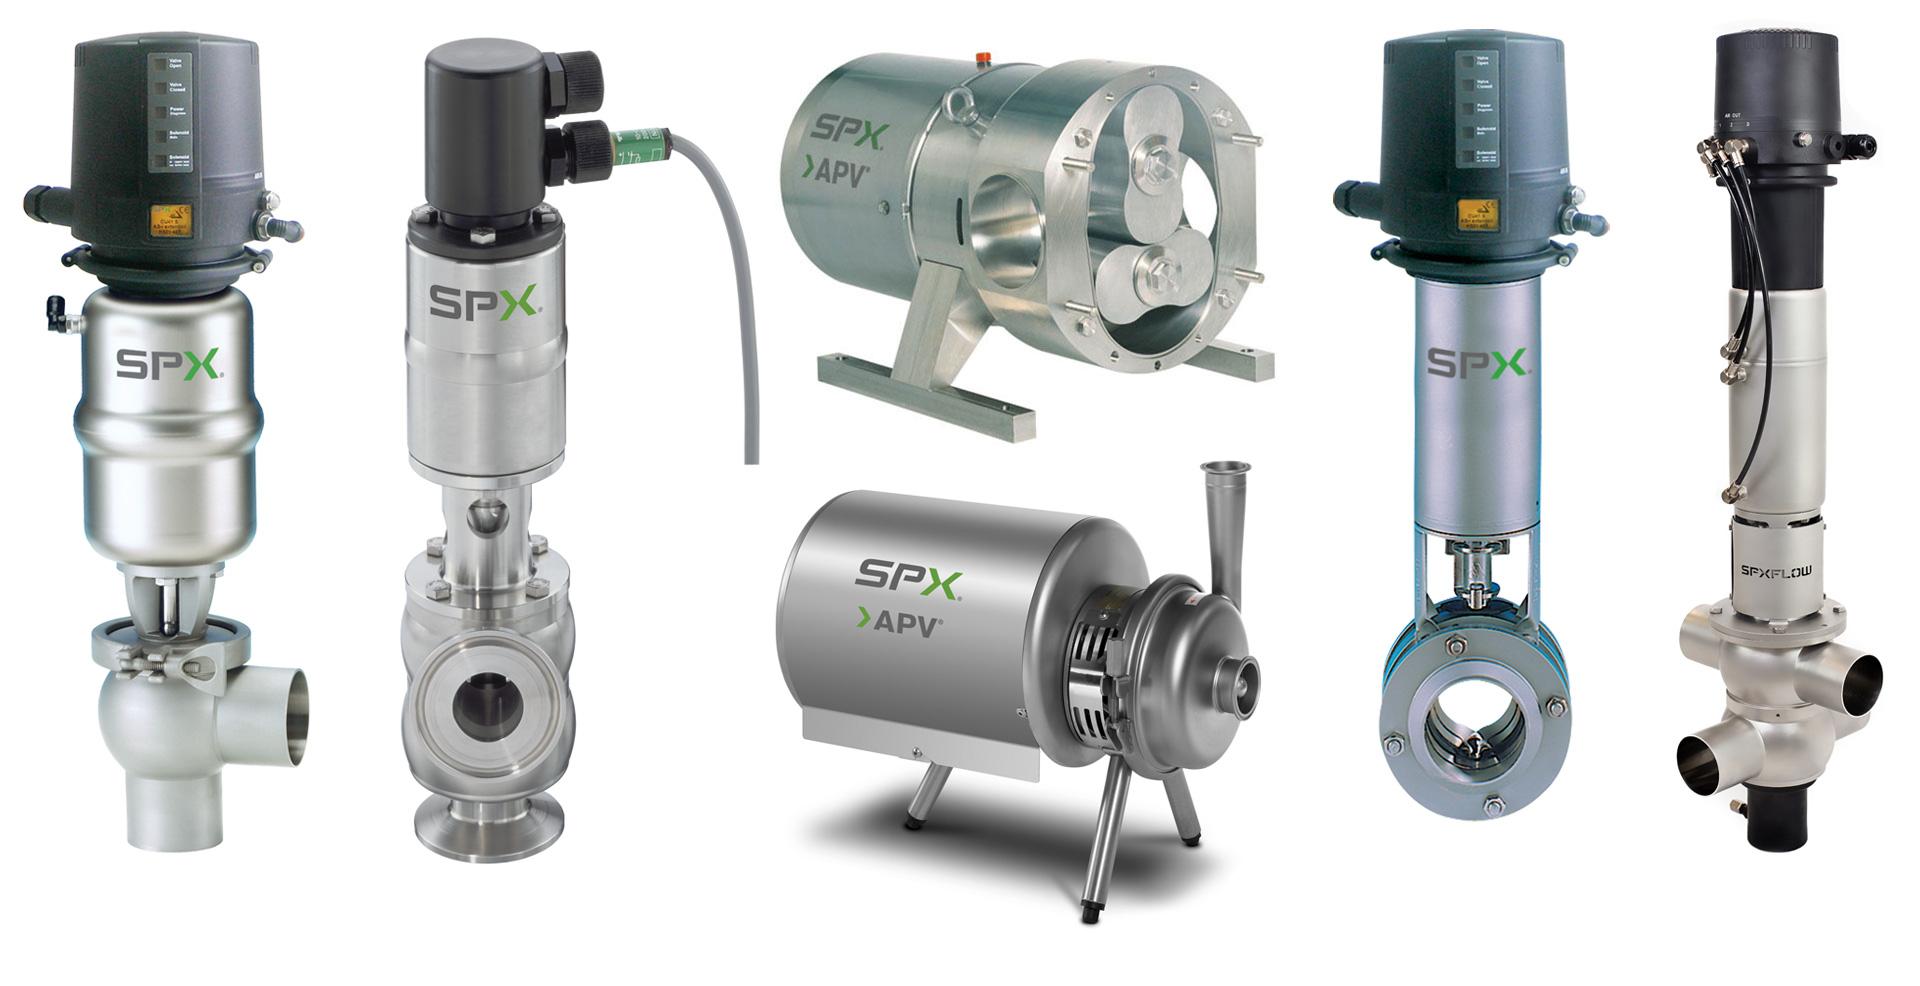 SPX FLOW APV Pumps & Valves